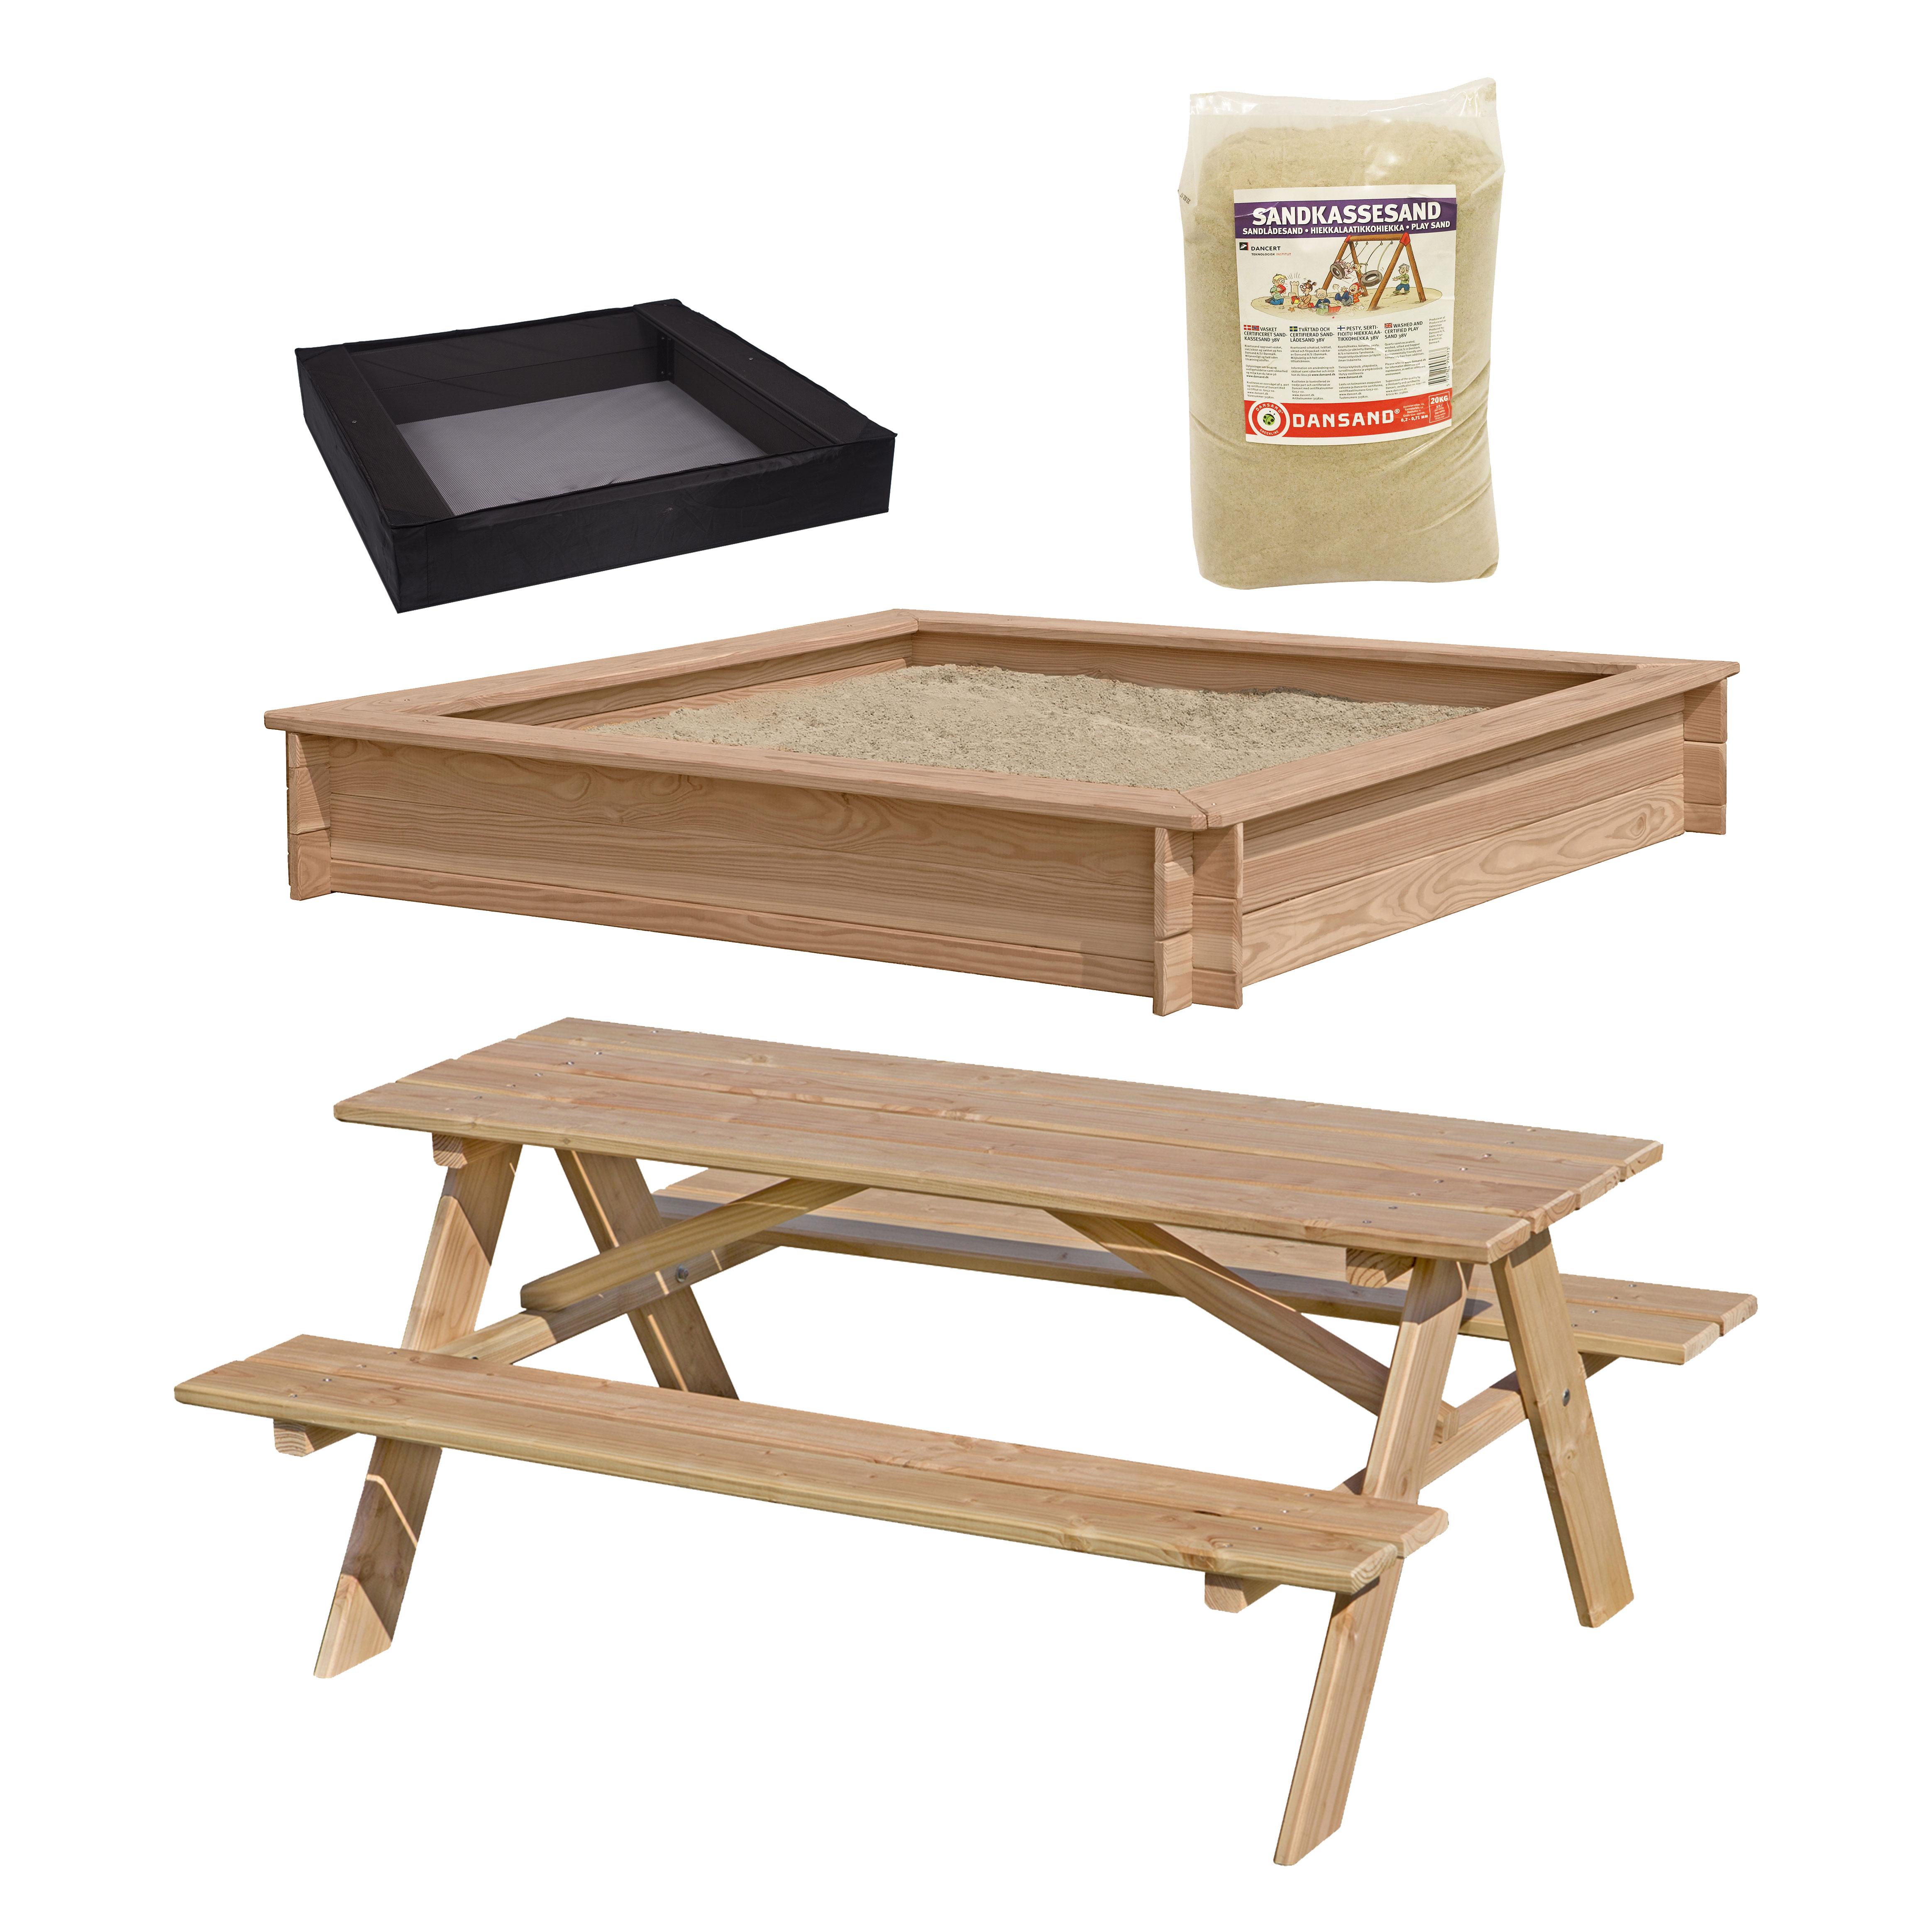 Image of   Sandkasse og bord- og bænkesæt i lærketræ